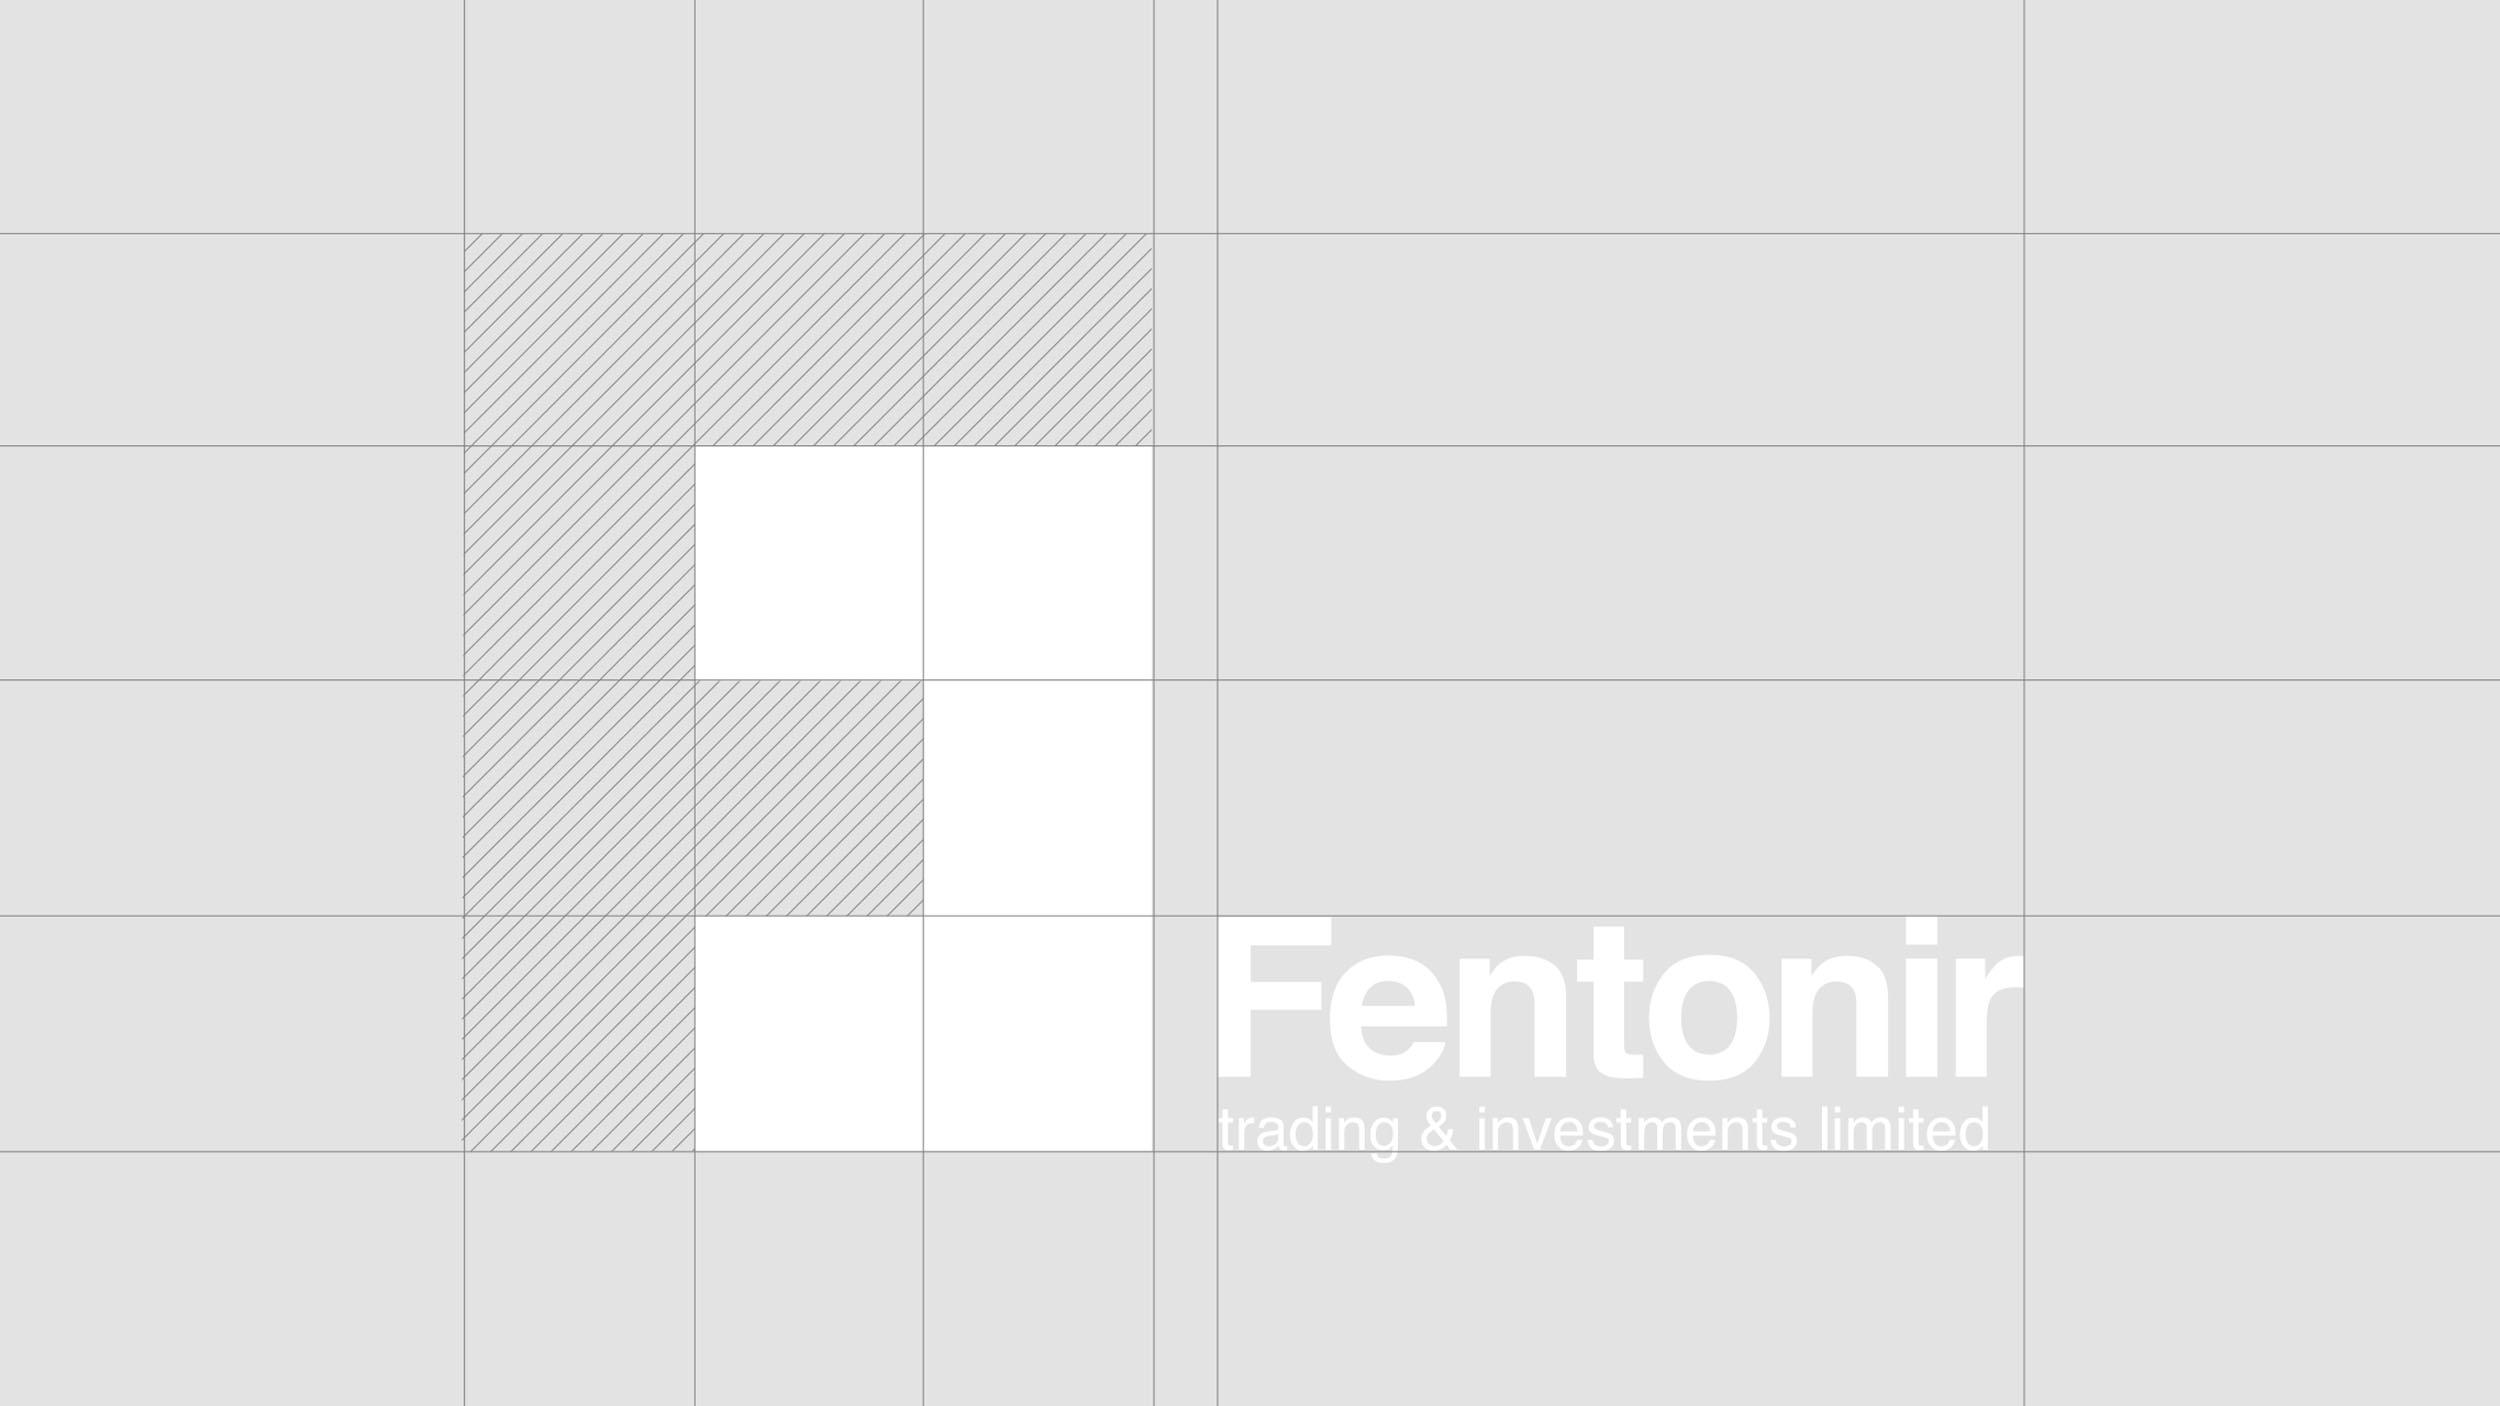 fentonir-construction